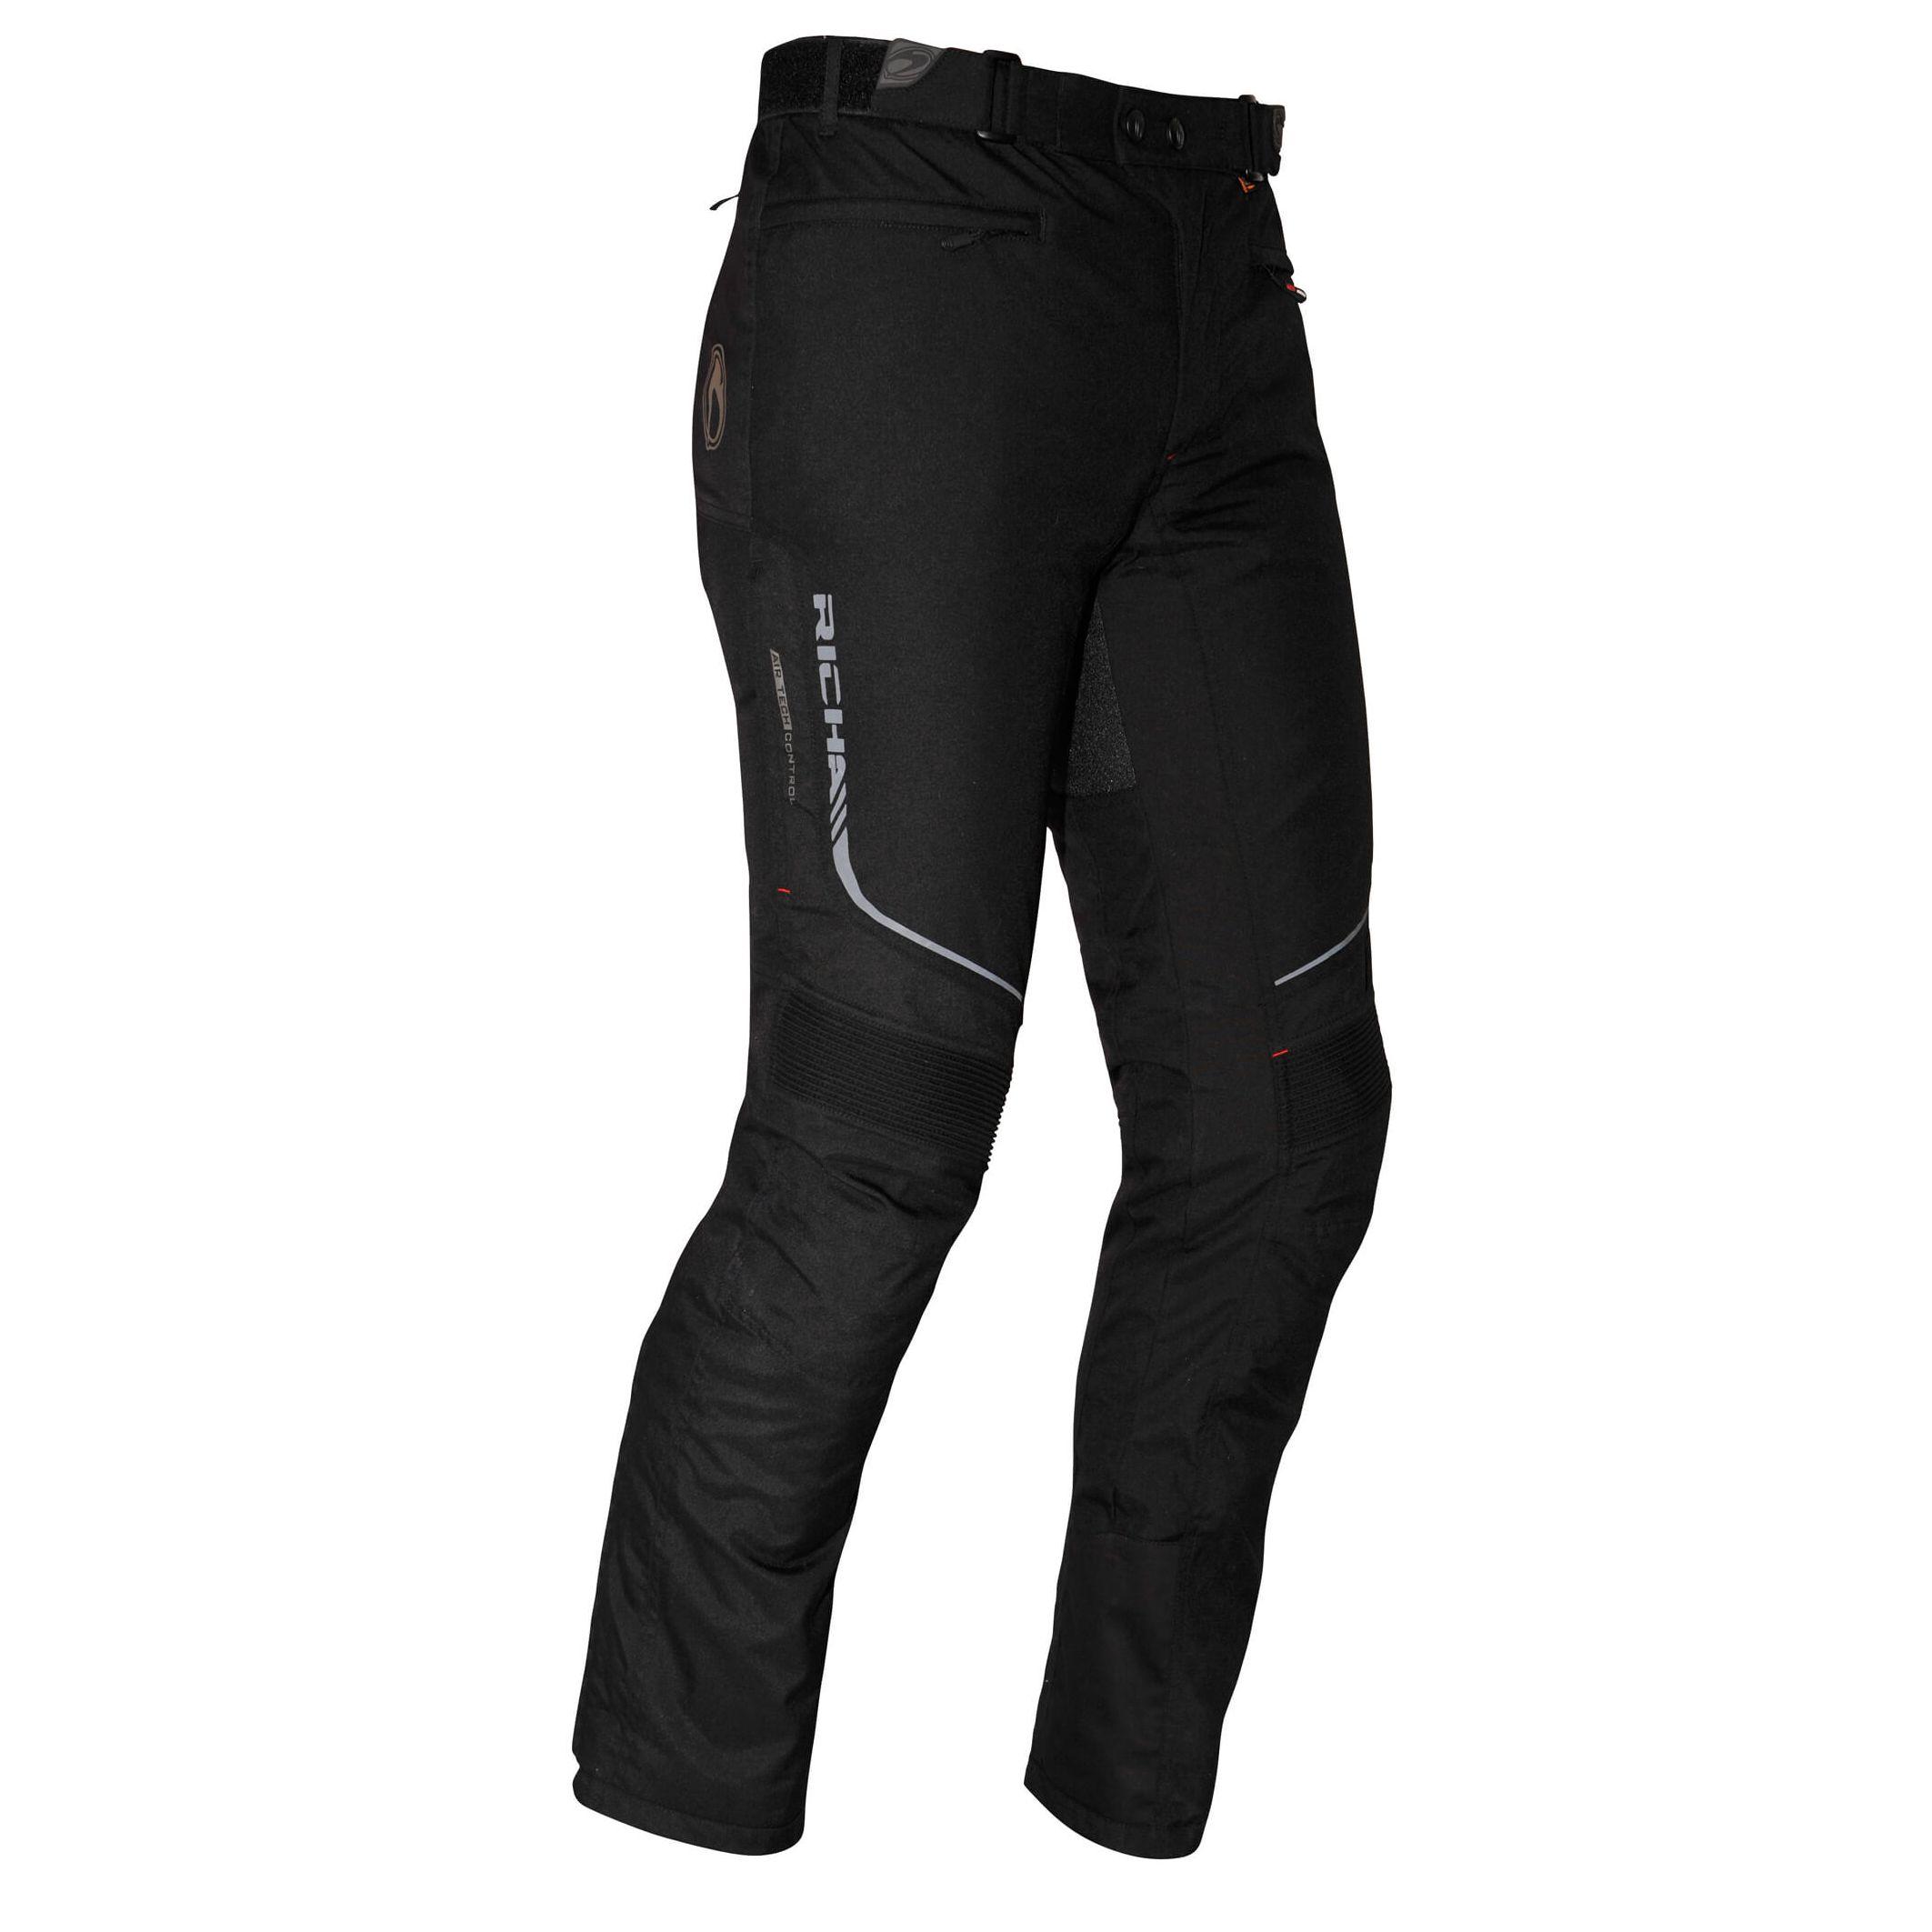 /Pantalon de Moto Richa Colorado Pantalon/